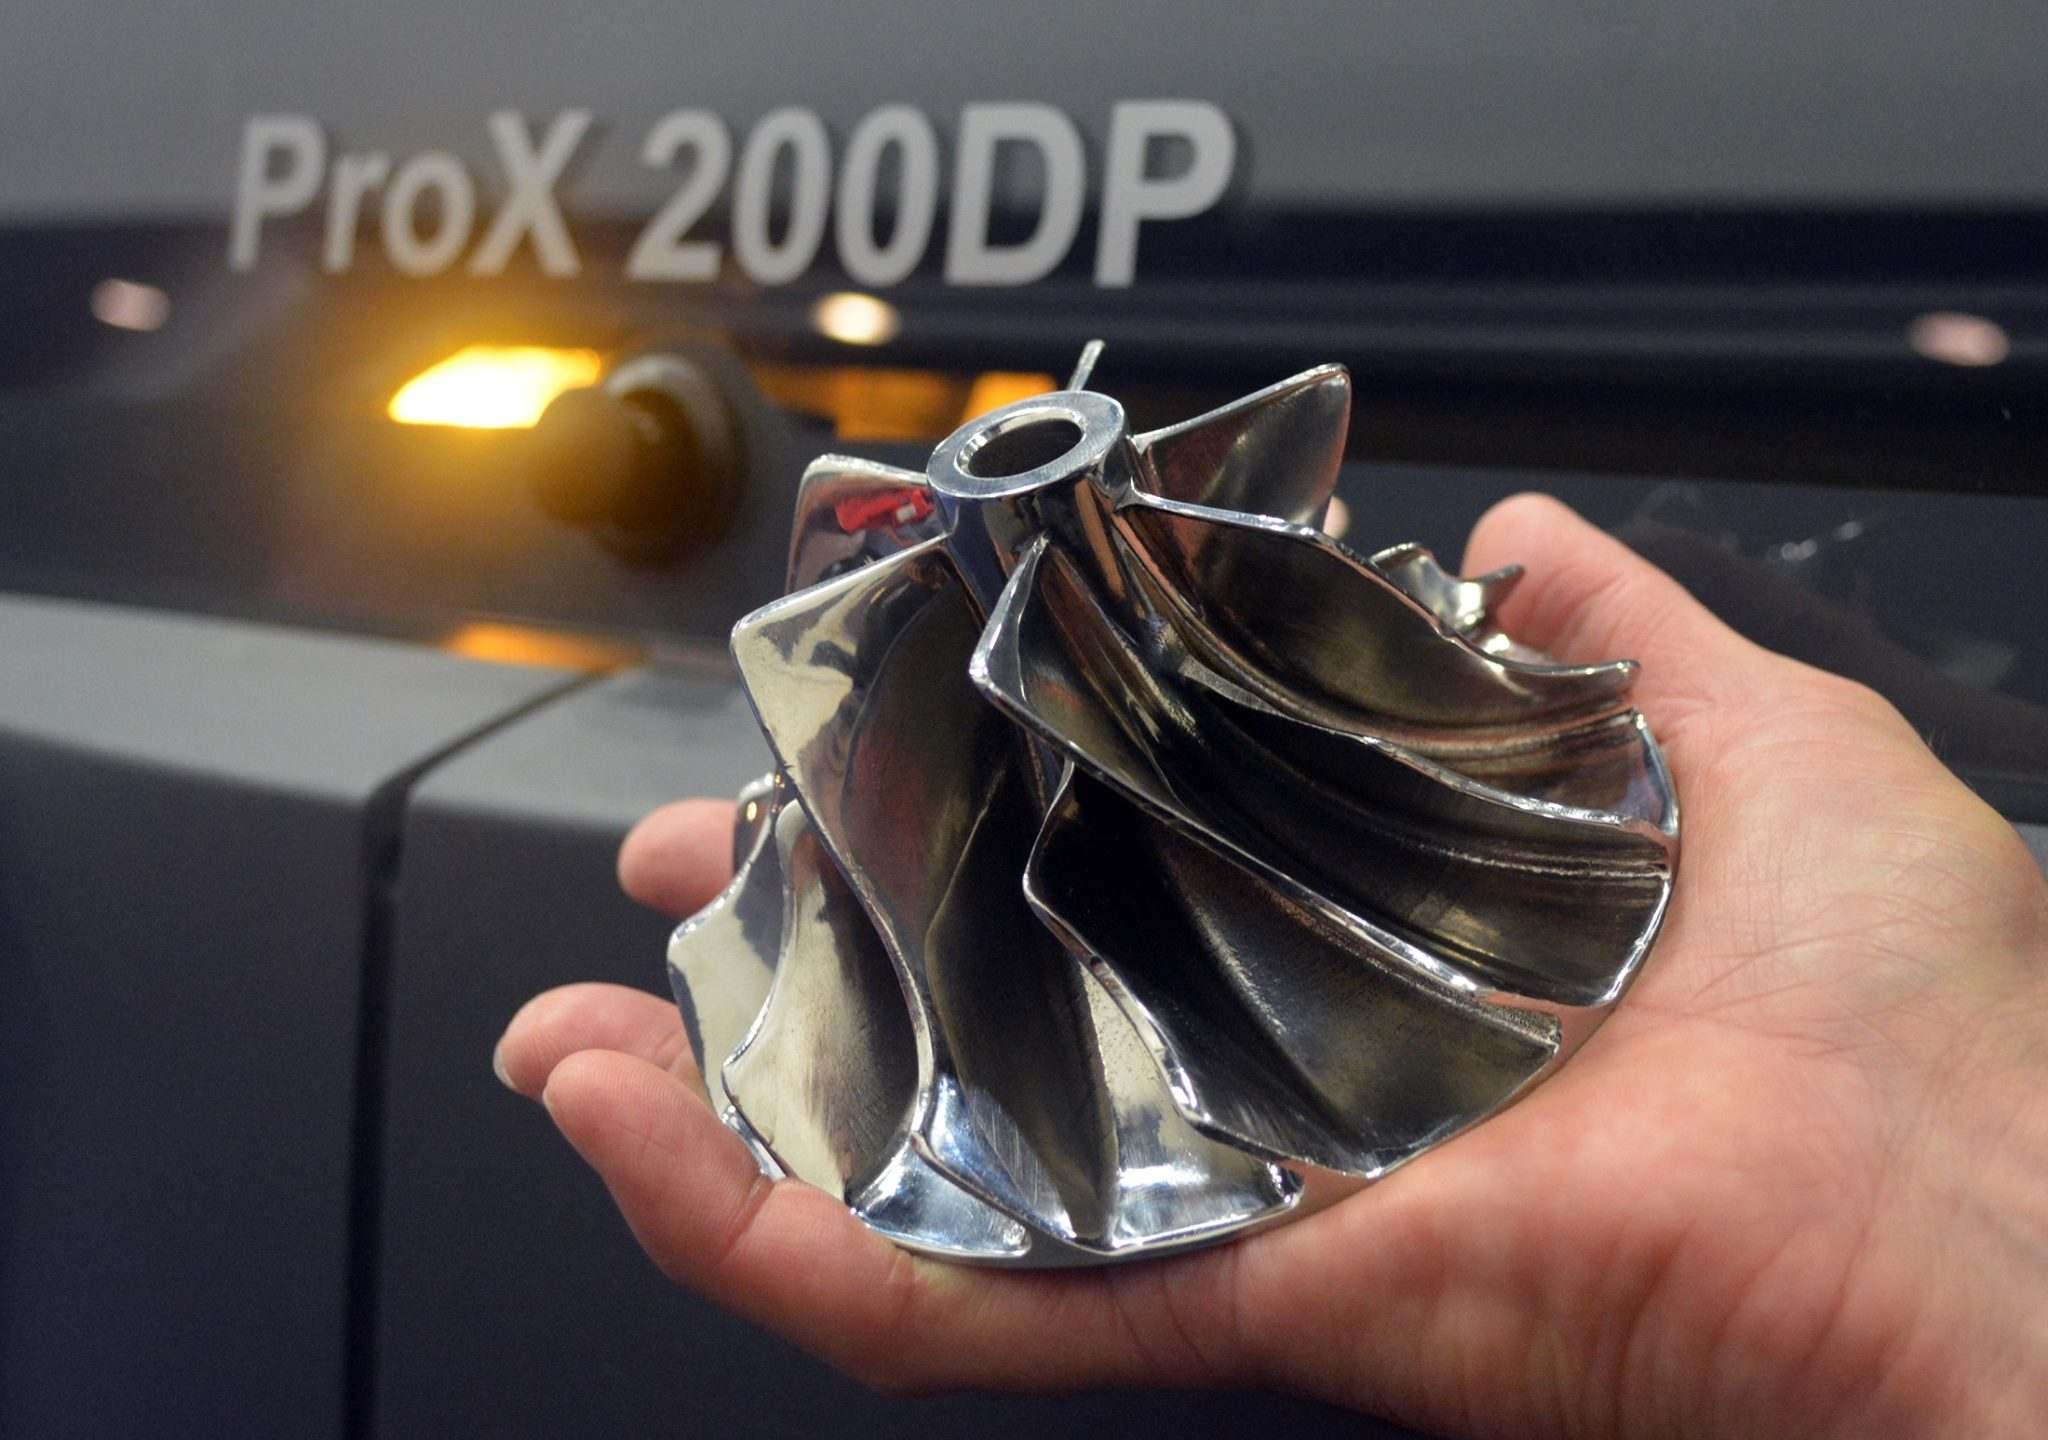 cadmech_druk3D_metal_prox200_3dsystems